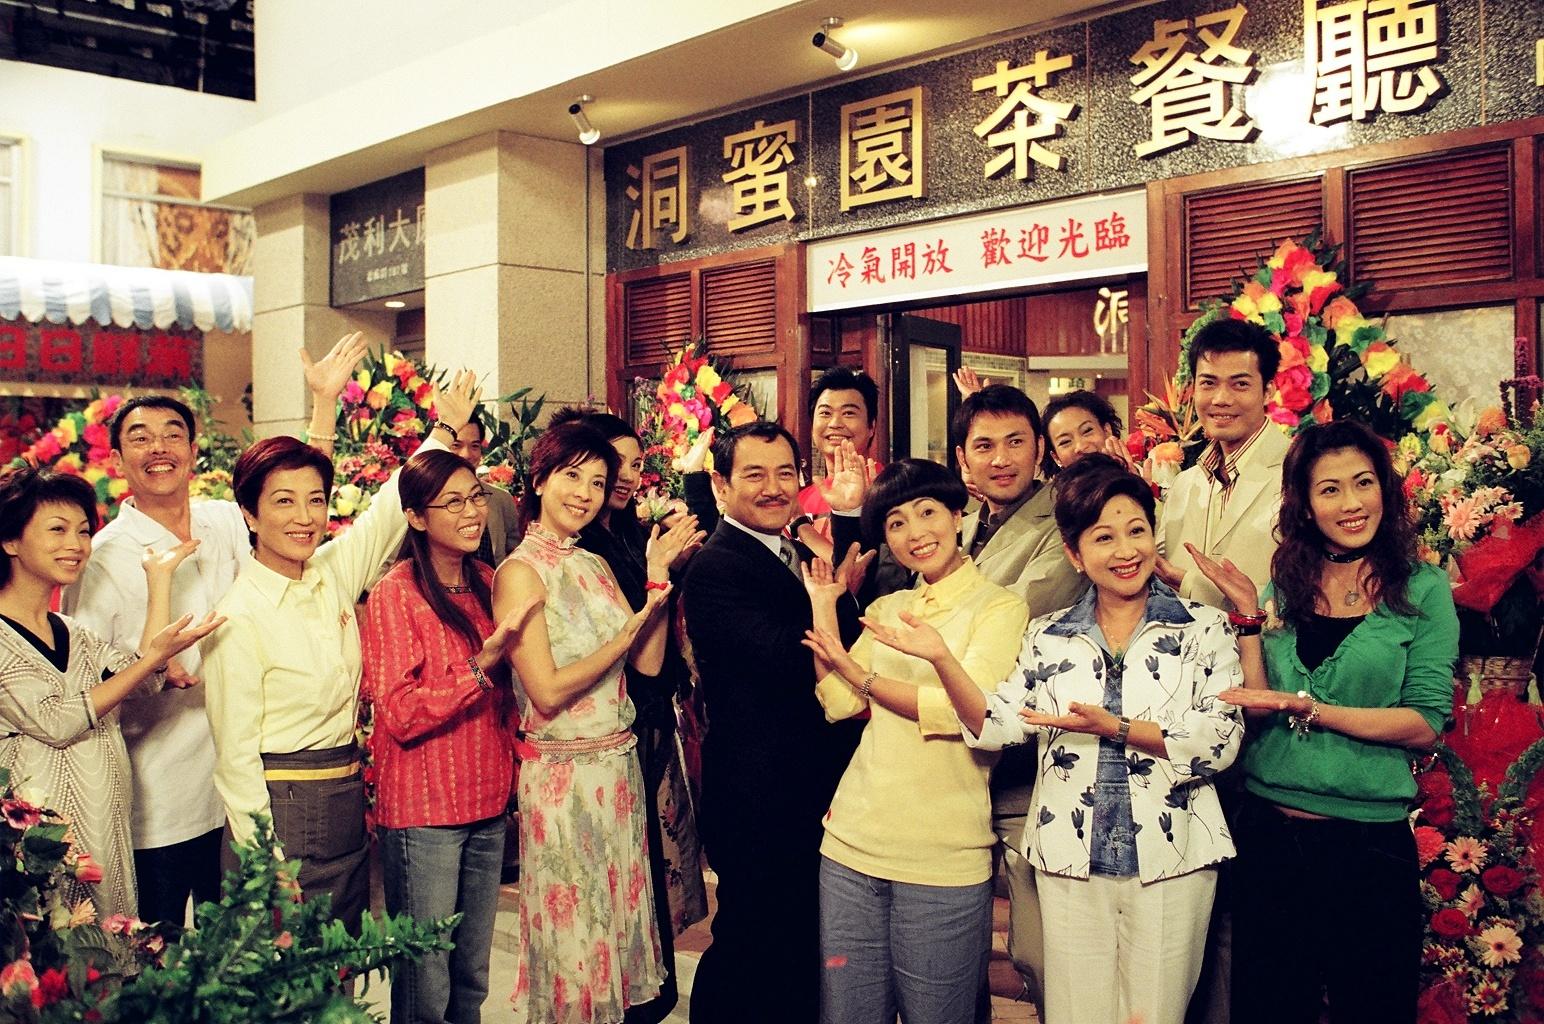 """Phim """"Gia đình vui vẻ hiện đại"""" lần đầu phát sóng tại Việt Nam"""